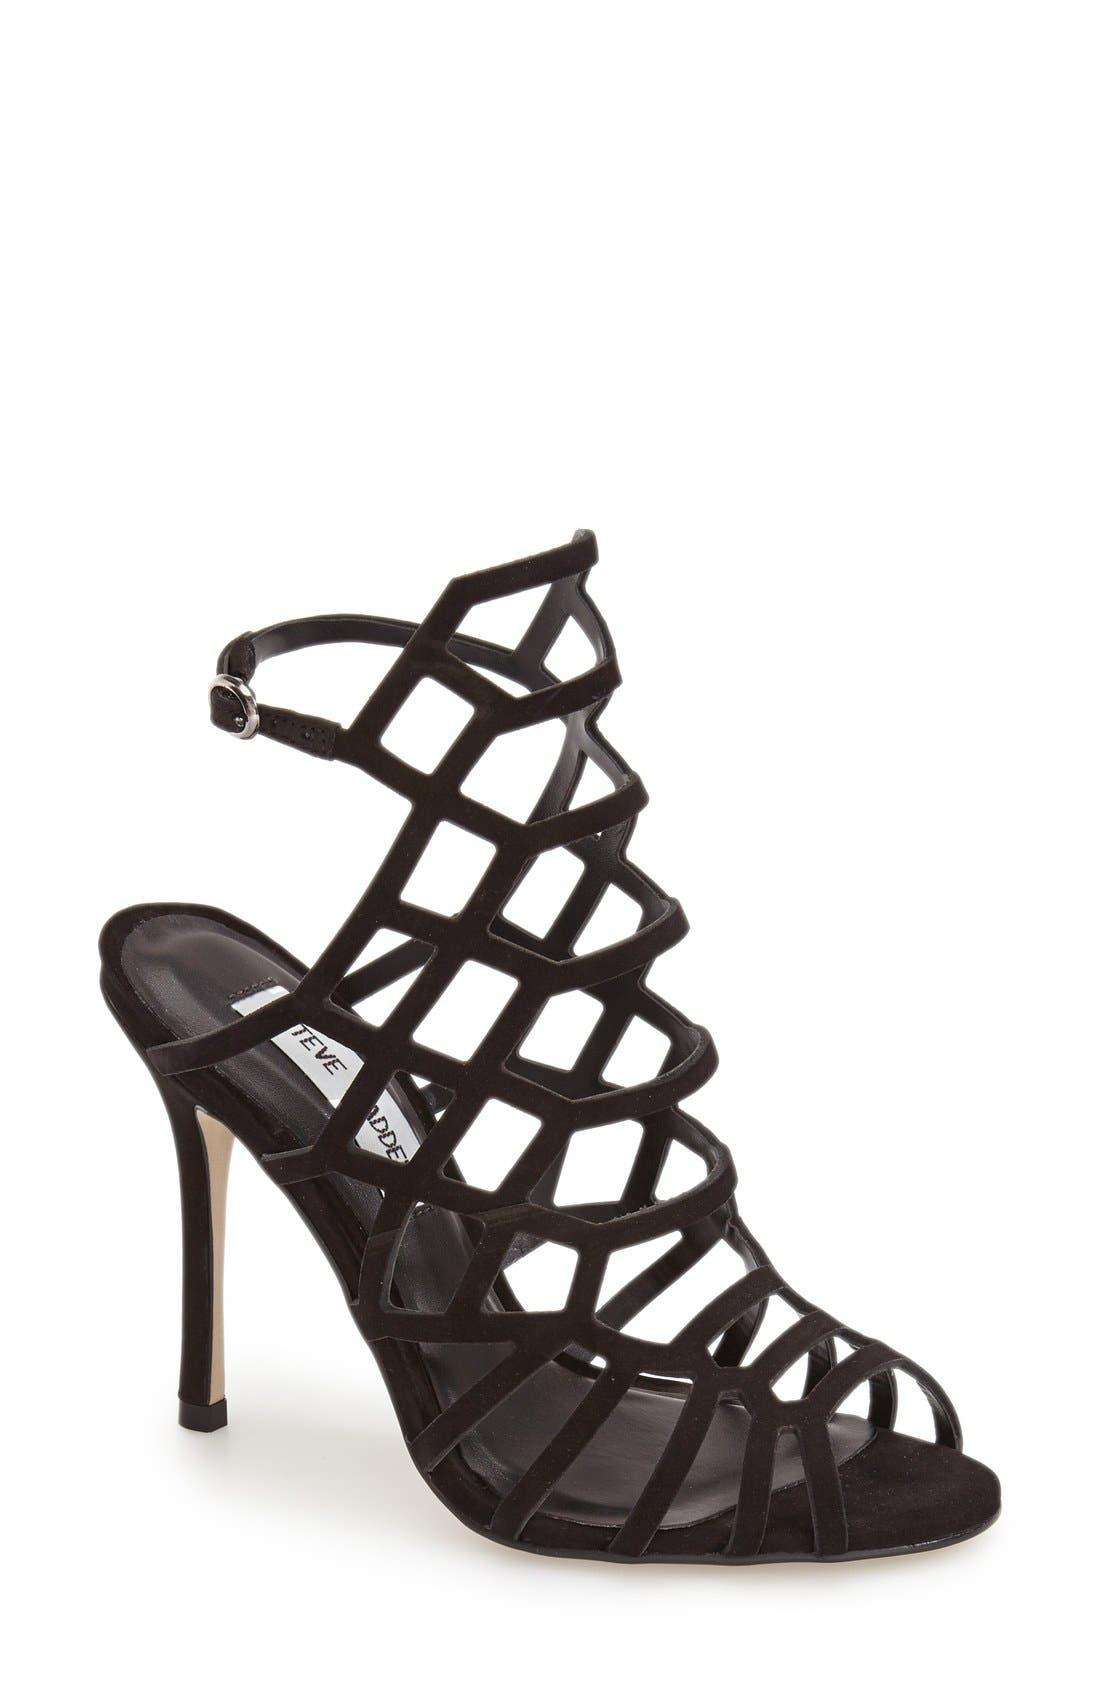 Main Image - Steve Madden 'Slithur' Sandal (Women)